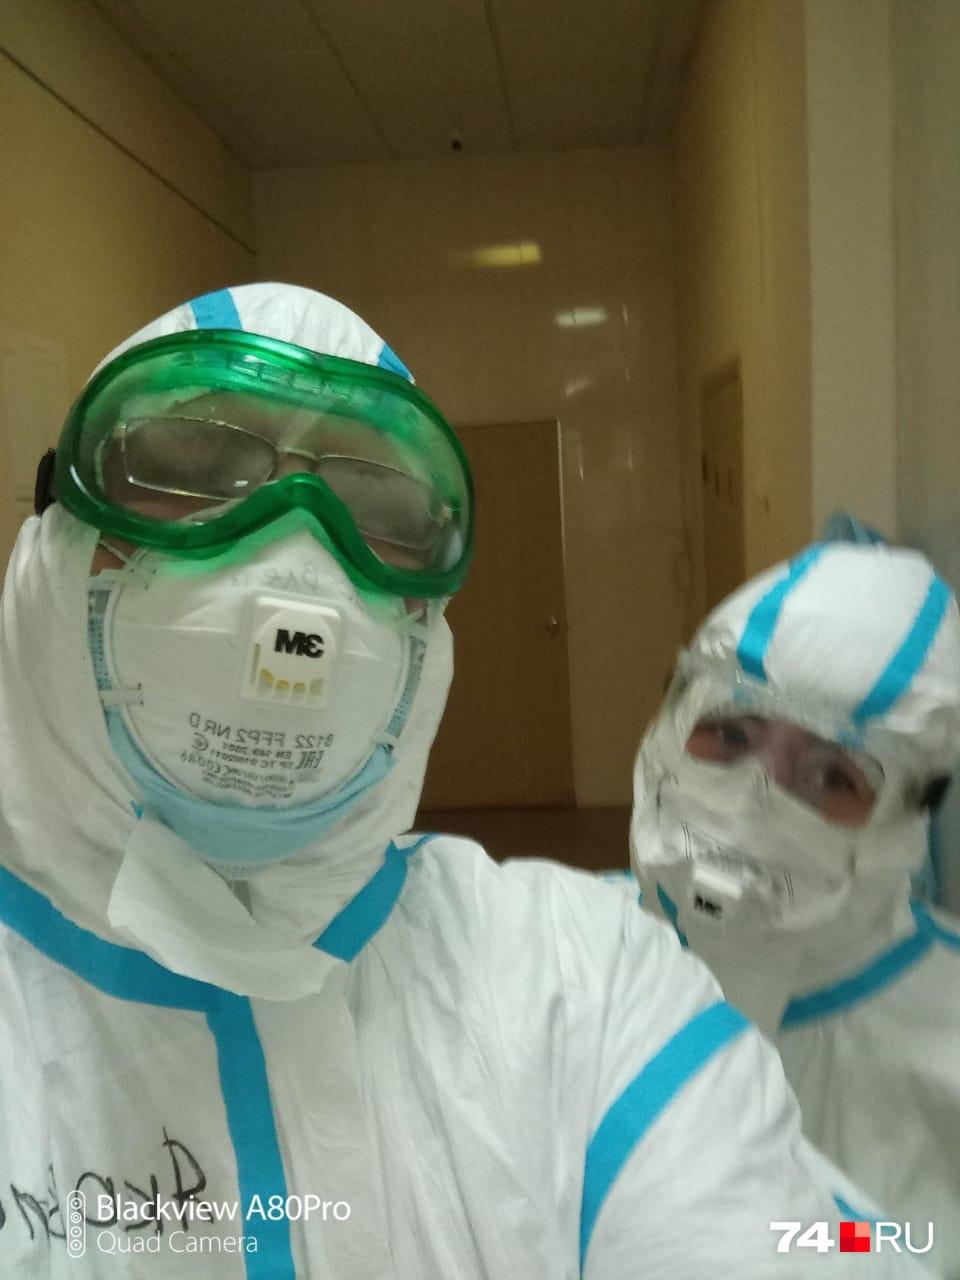 В душном костюме приходится нетолько совершать обходы пациентов, ноипроводить операции иперевязки